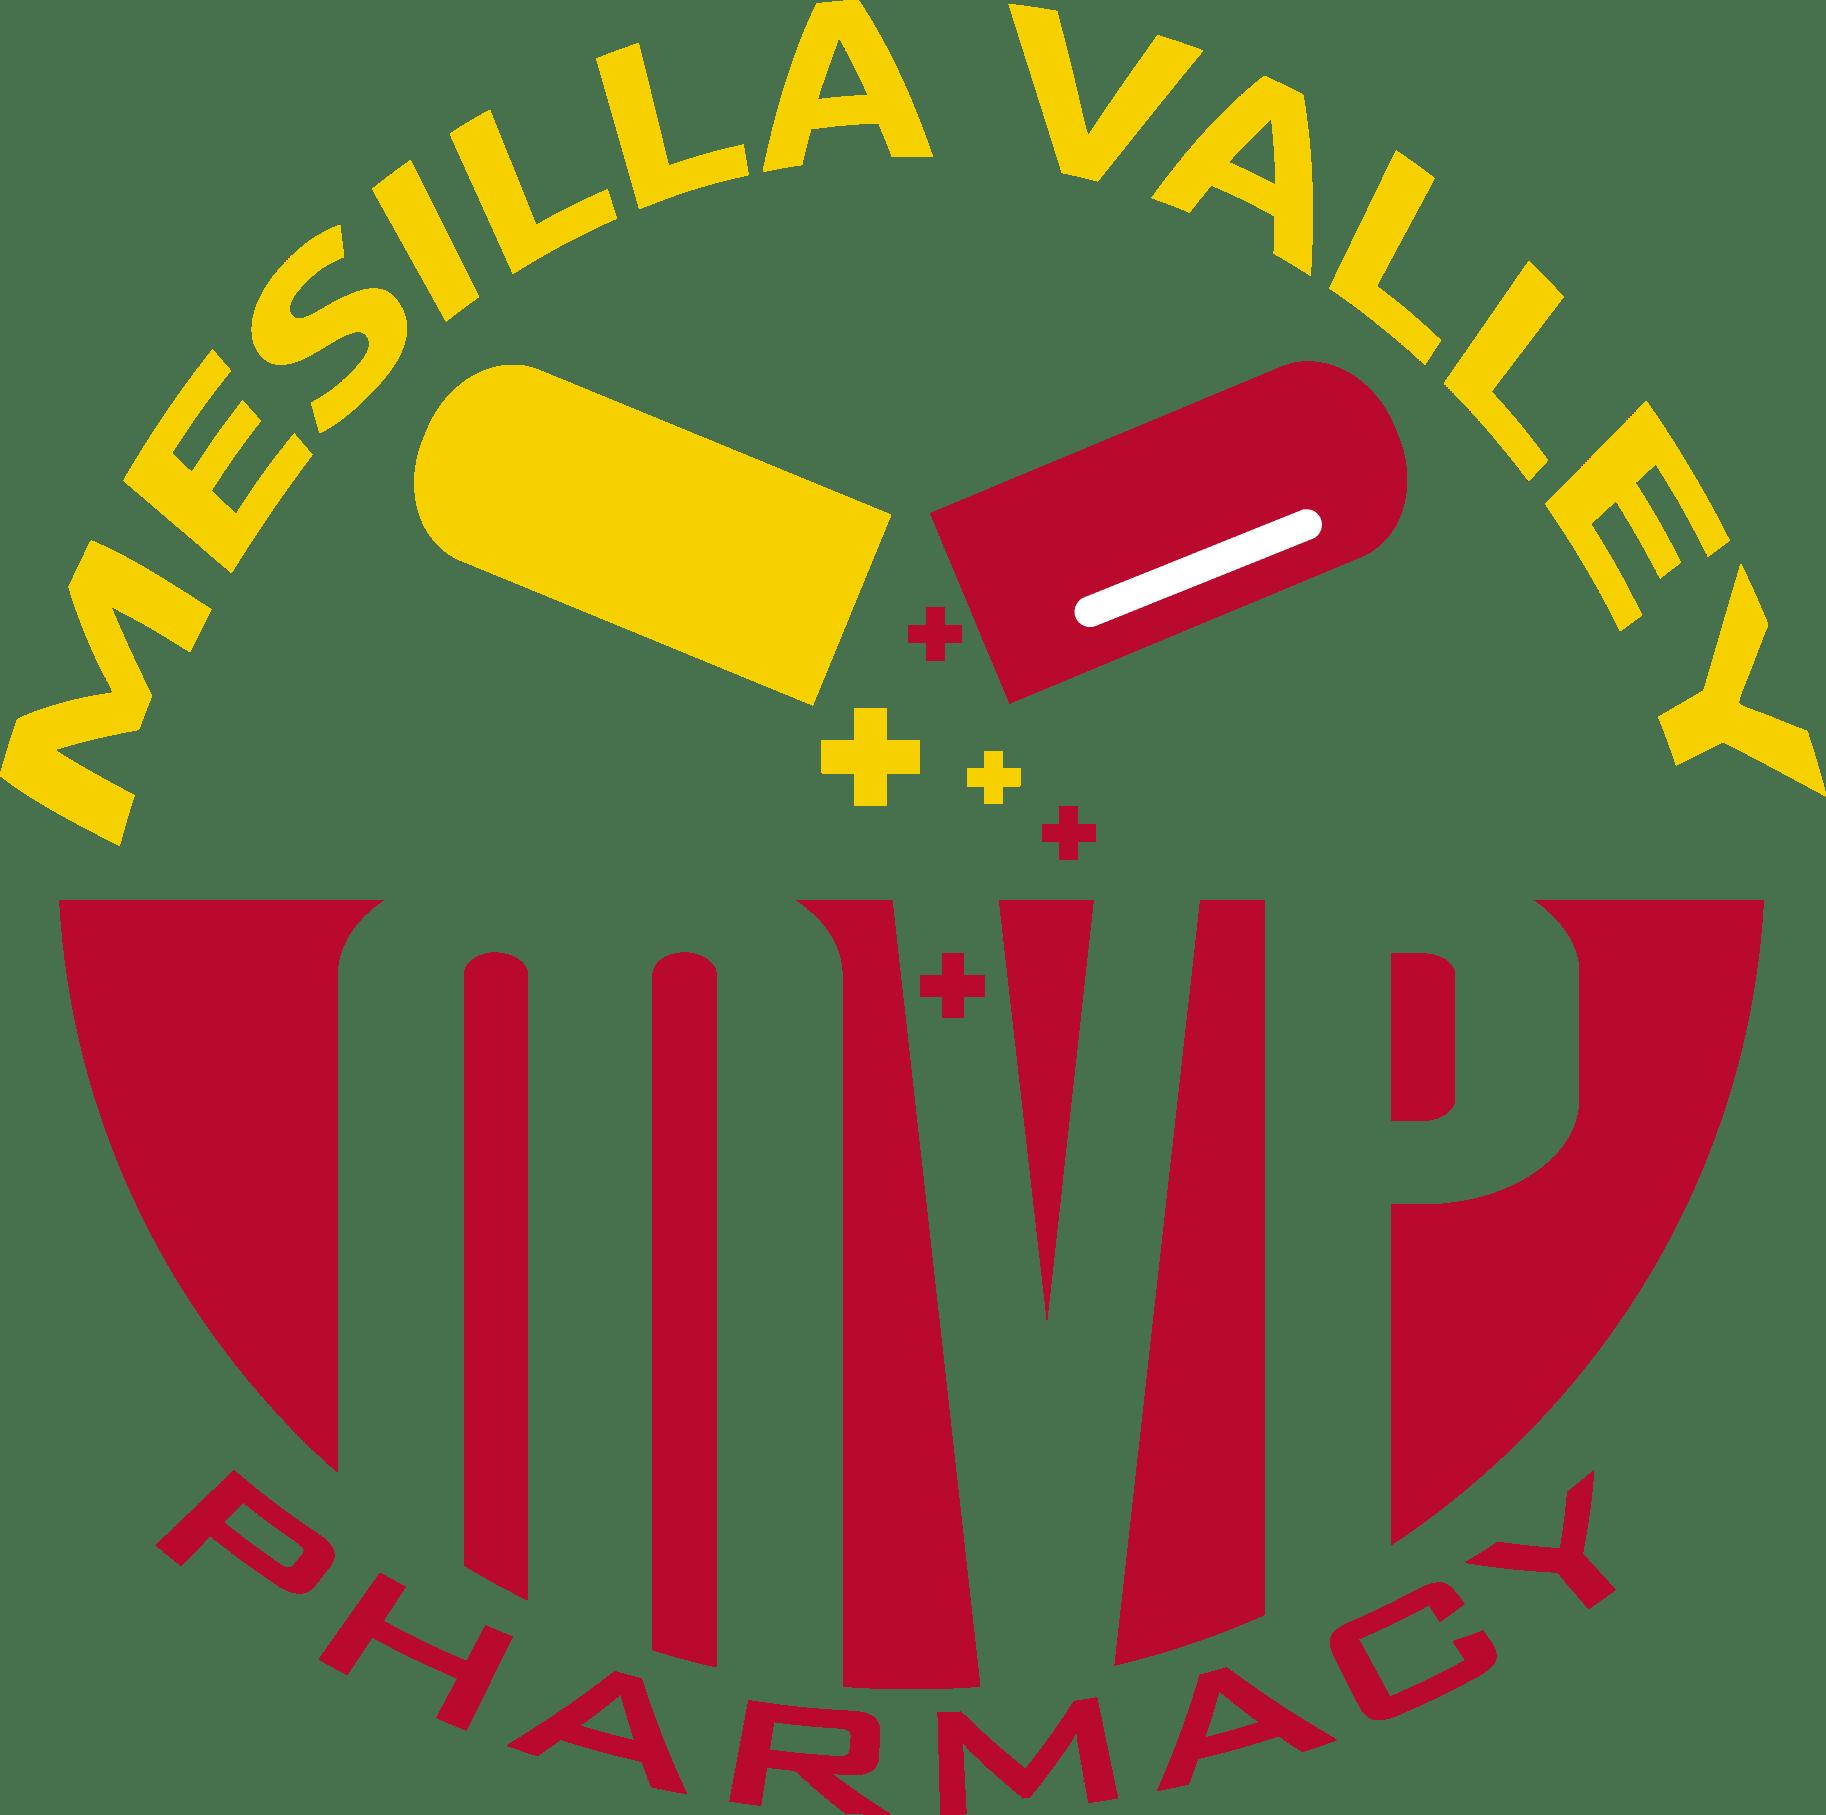 Mesilla Valley Pharmacy